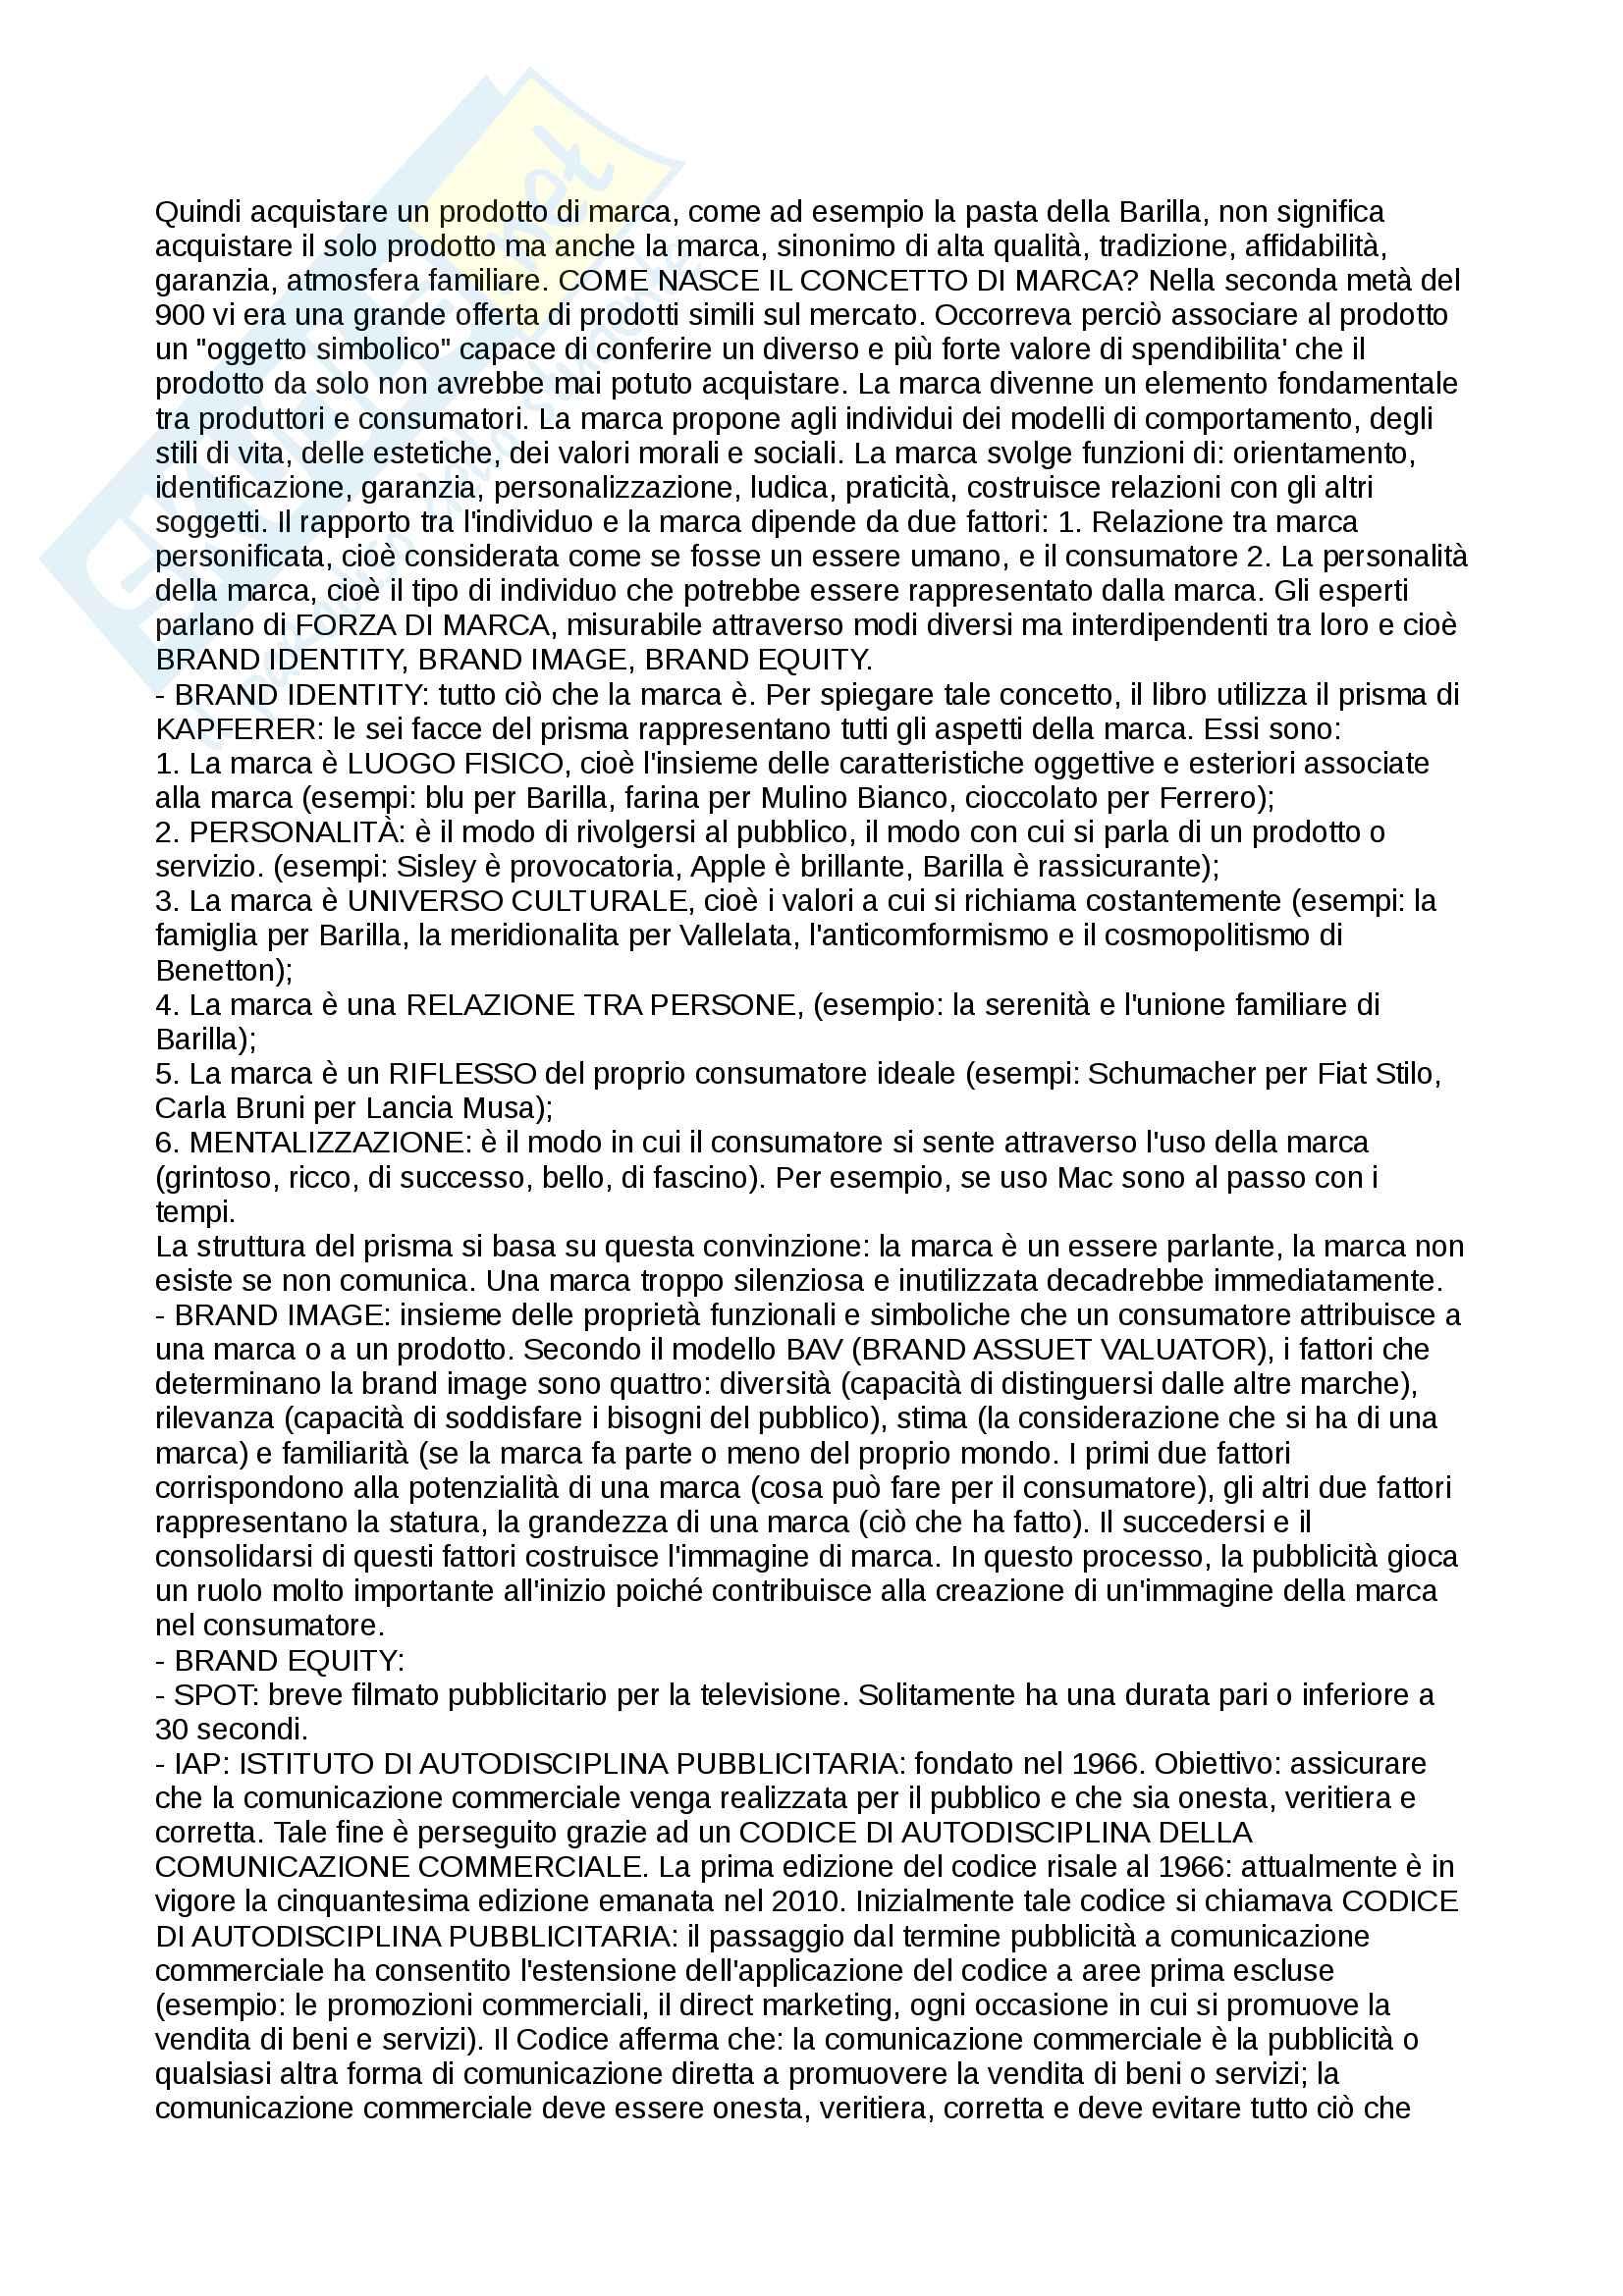 Riassunti esame Teorie della comunicazione, prof. Silvano Petrosino, libro consigliato Teorie dell'informazione e della comunicazione. Glossario, 2009, S.Borella, G.Franchin Pag. 26